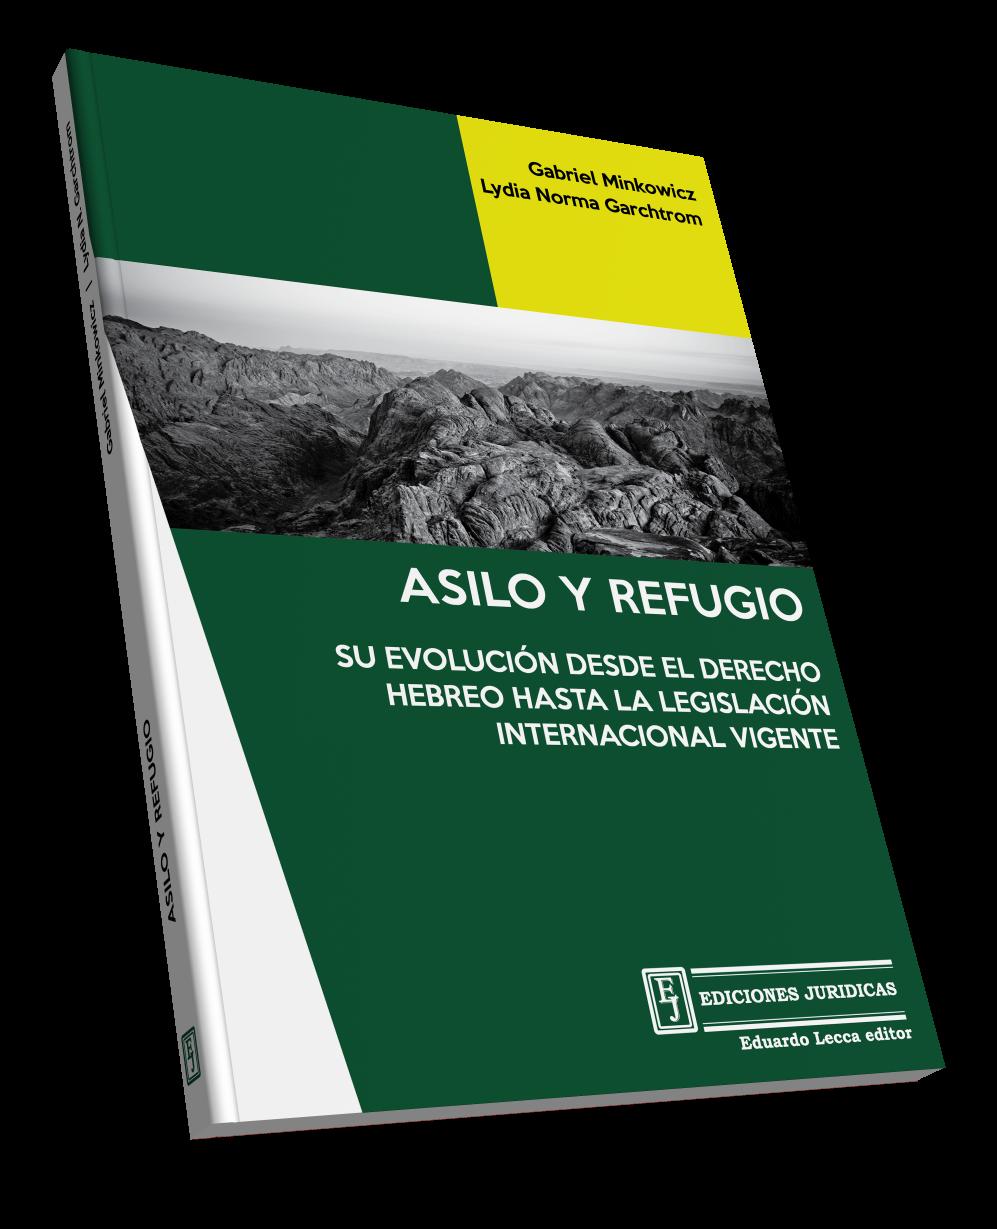 Ediciones jur dicas novedades - Oficina de asilo y refugio ...